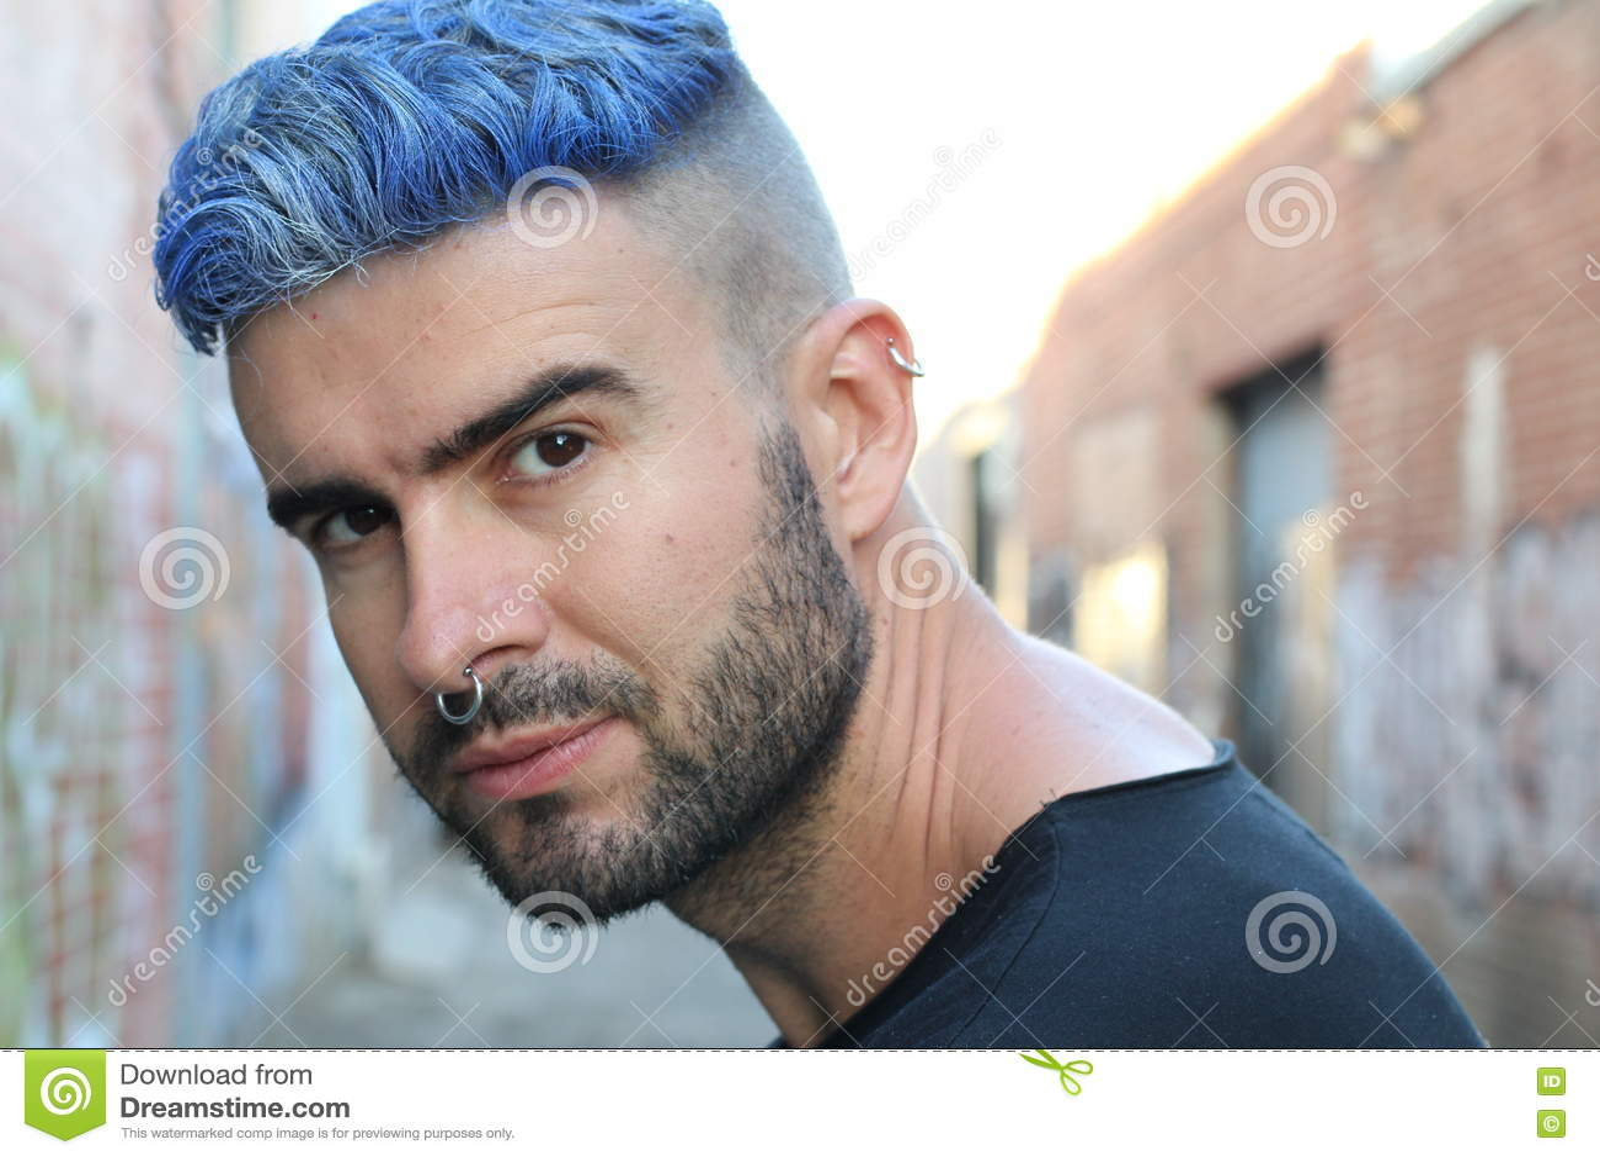 Hombre joven elegante hermoso con el peinado, la barba y perforaciones socavados teñidos azul artificial coloreados del pelo con